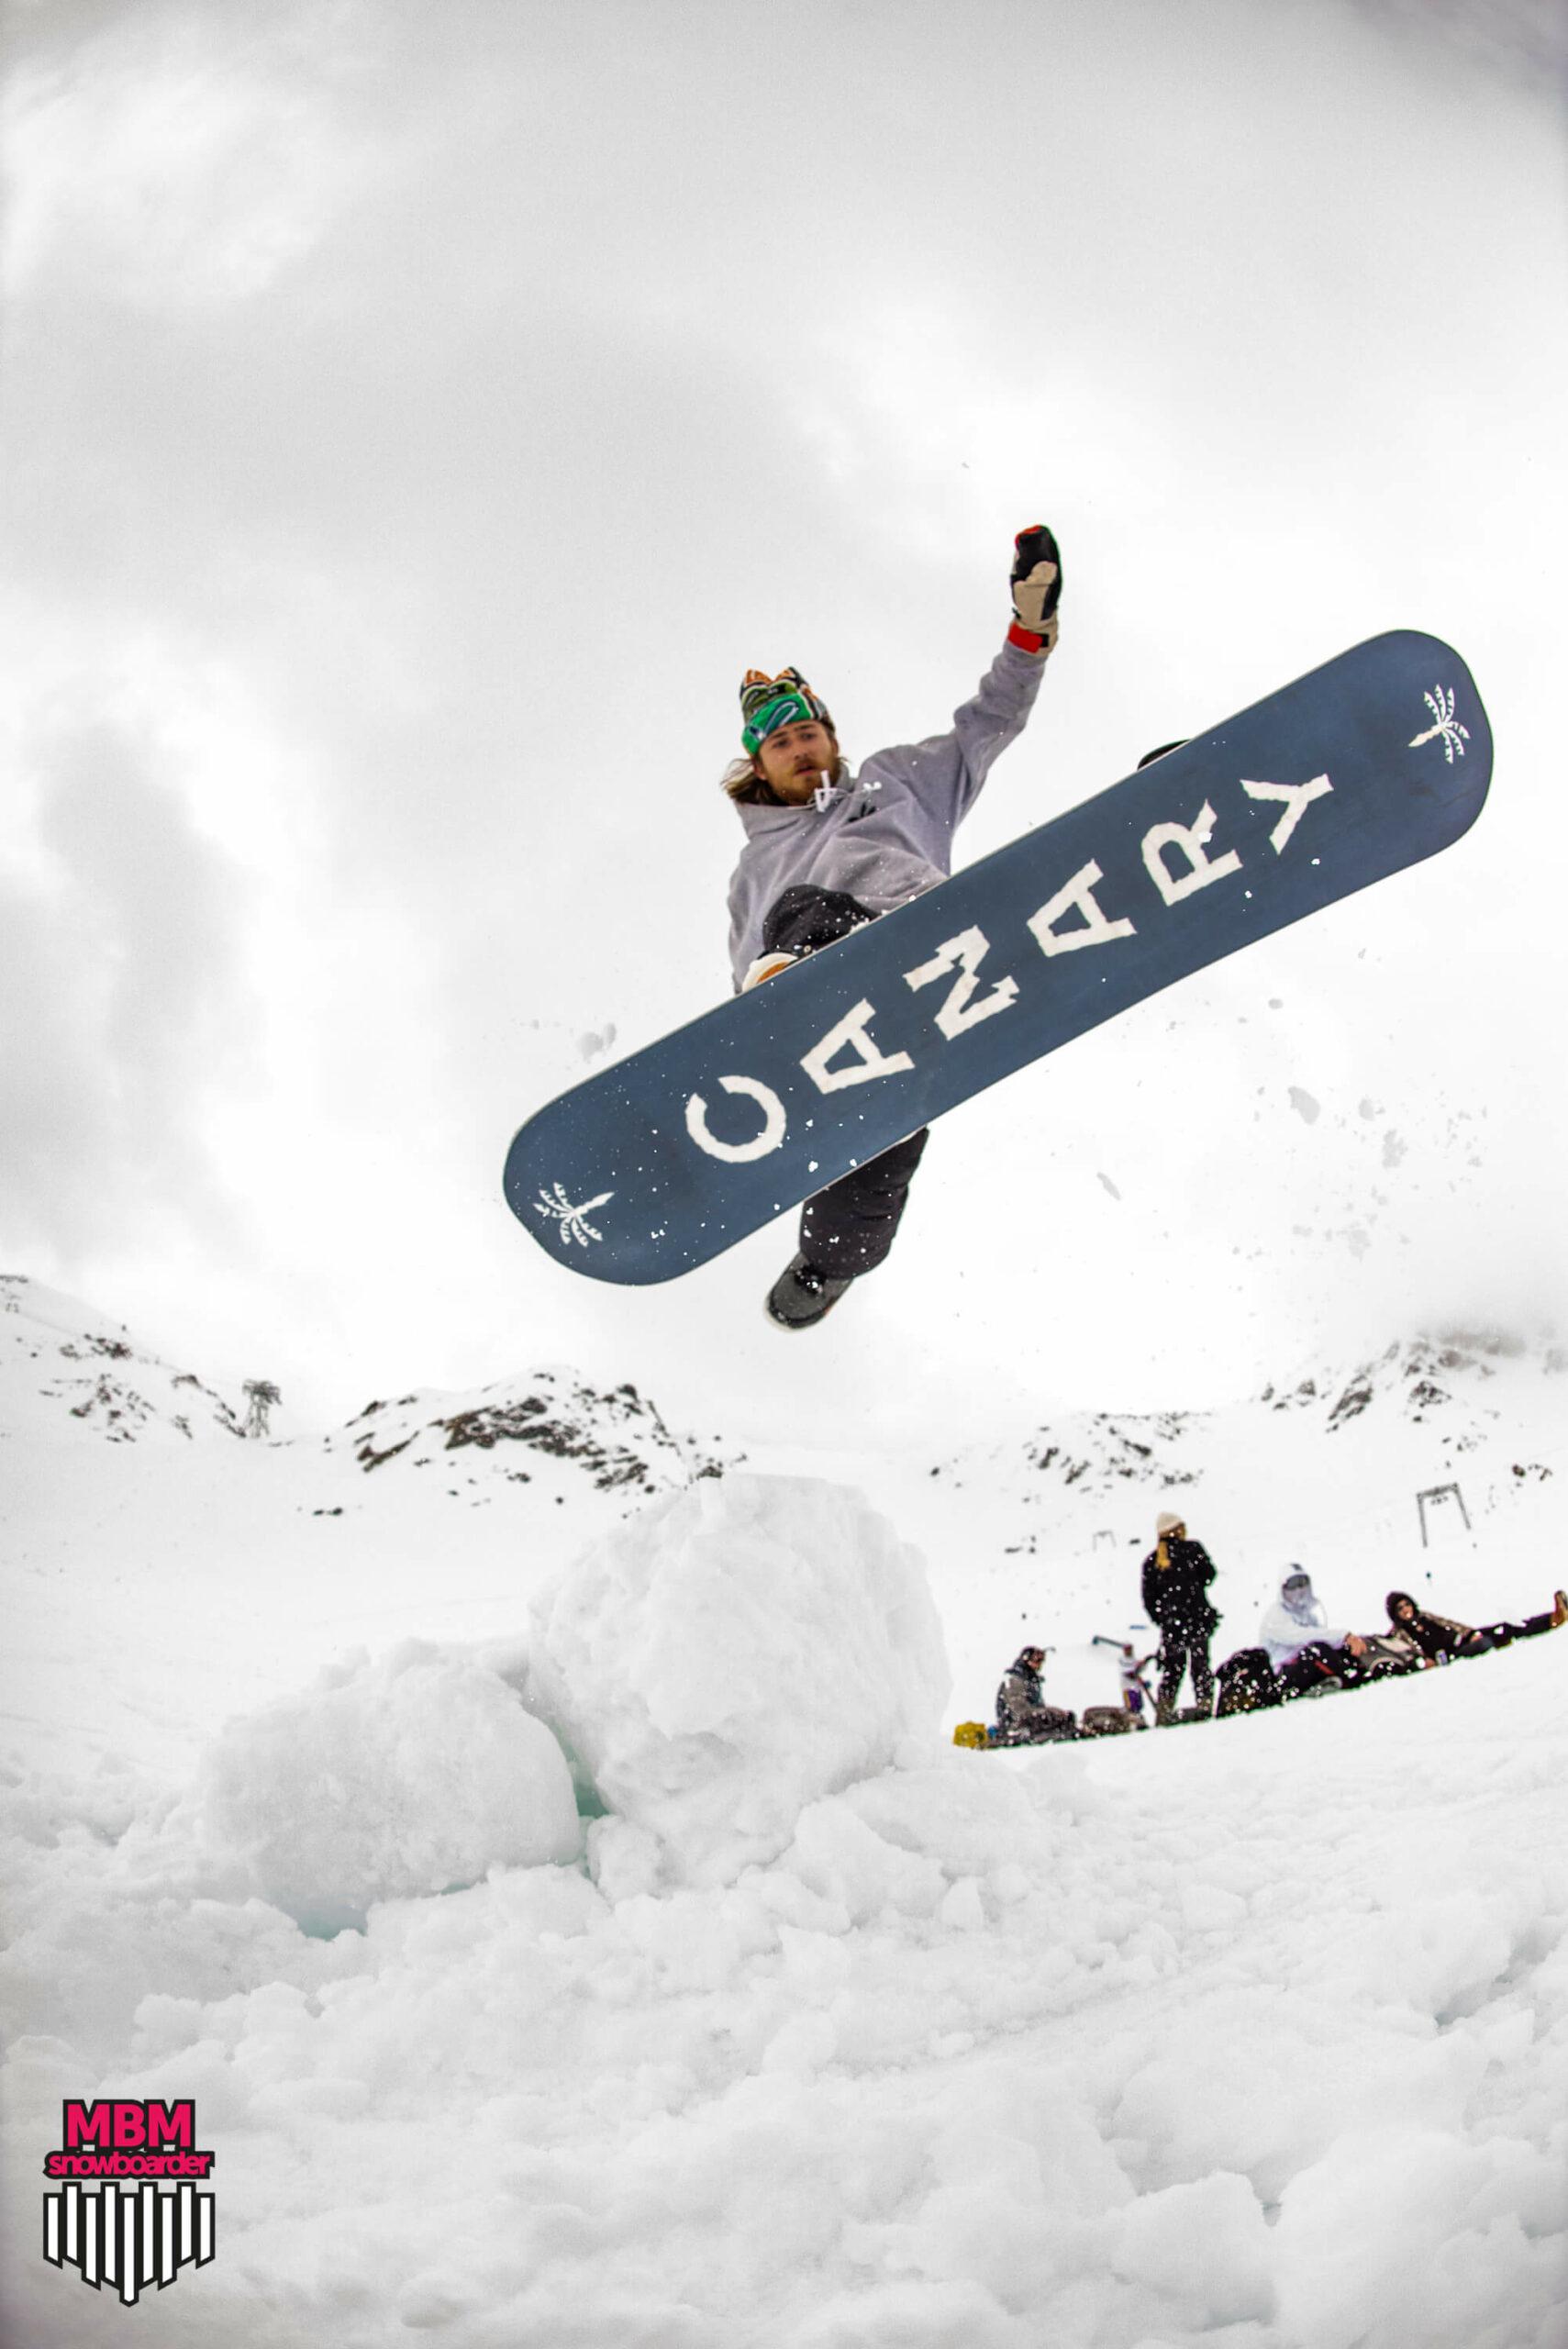 snowboarderMBM_sd_kaunertal_125